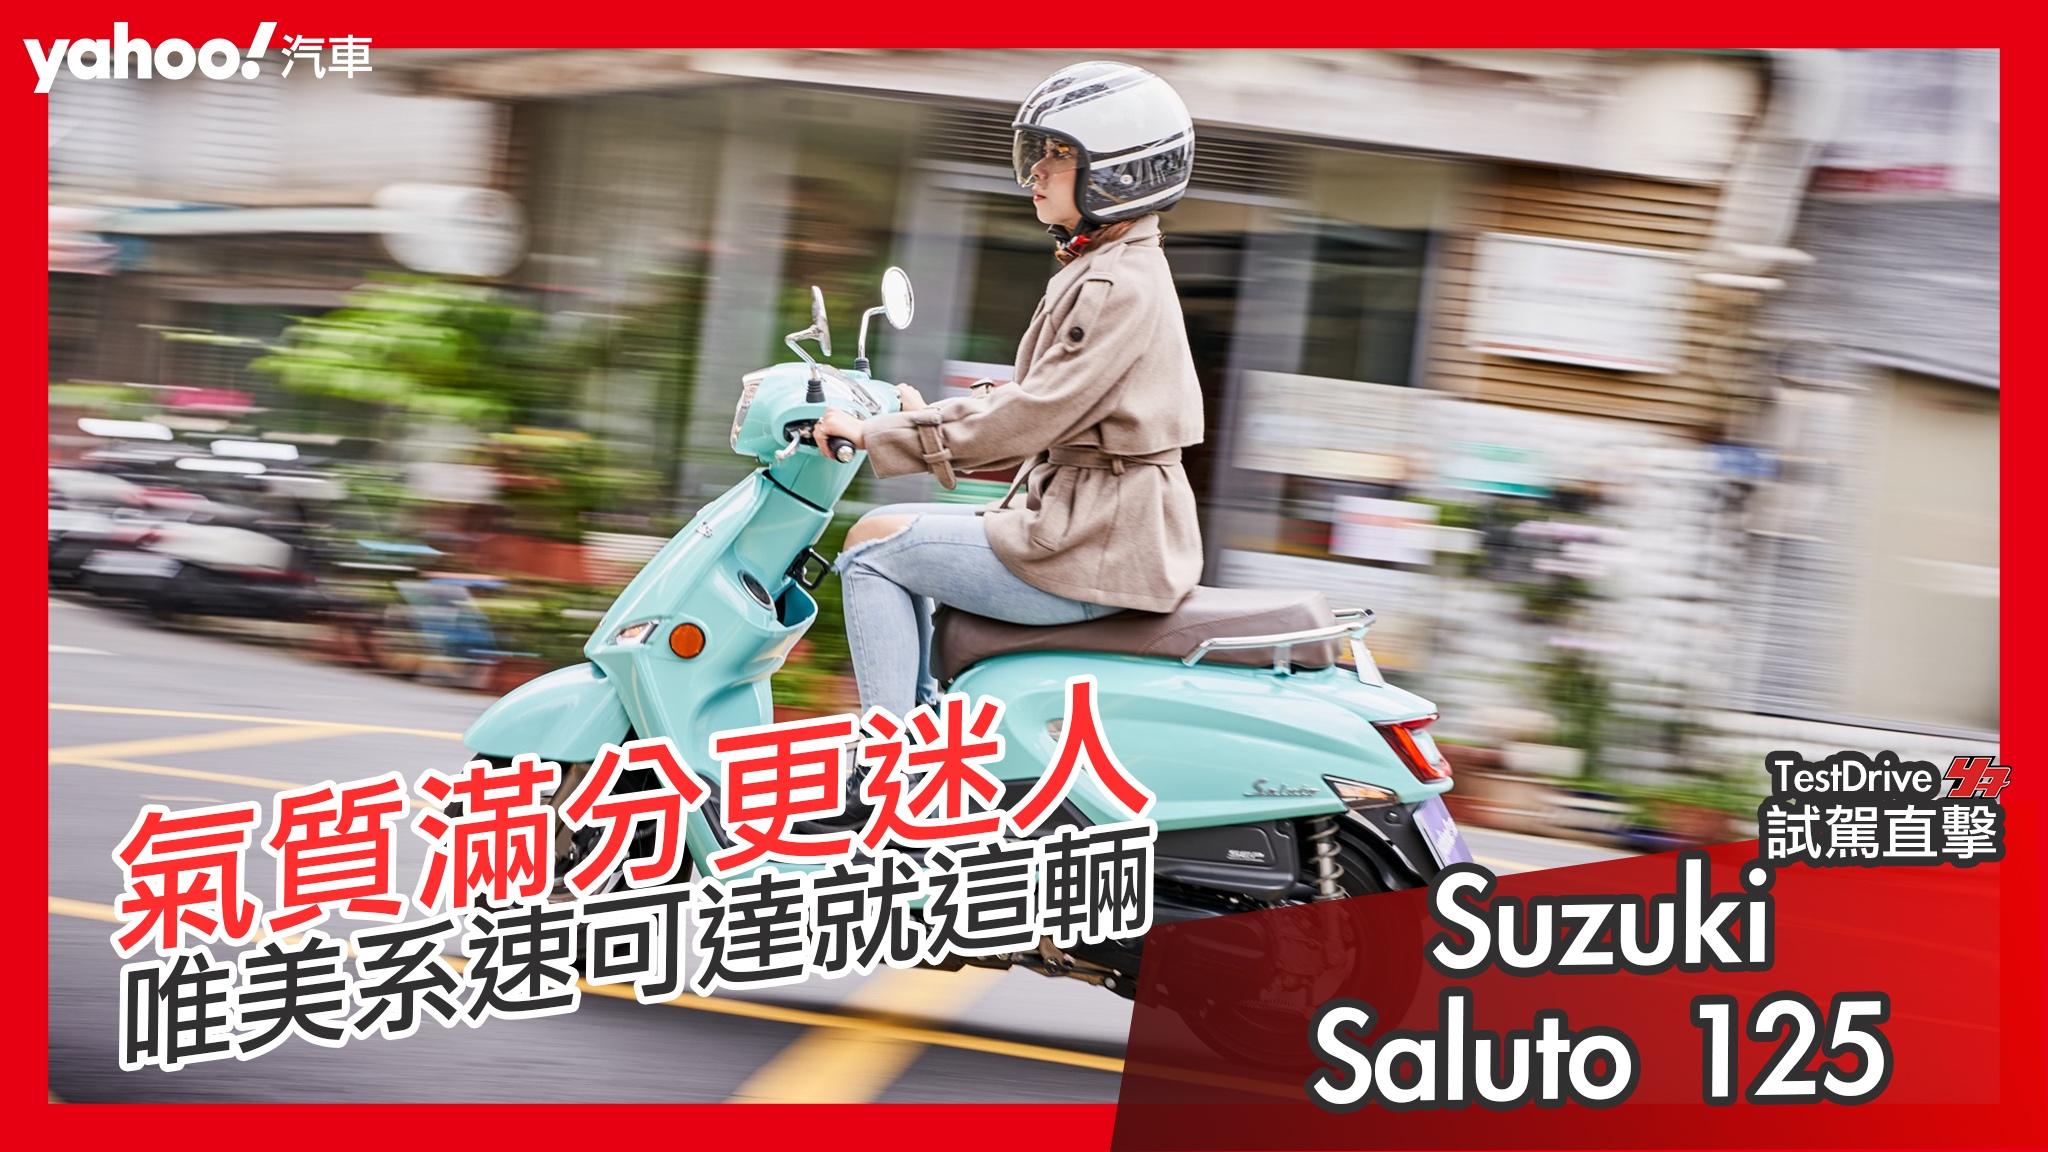 【試駕直擊】追求絕對的唯美系風格!2020 Suzuki Saluto 125復古風試駕評測!